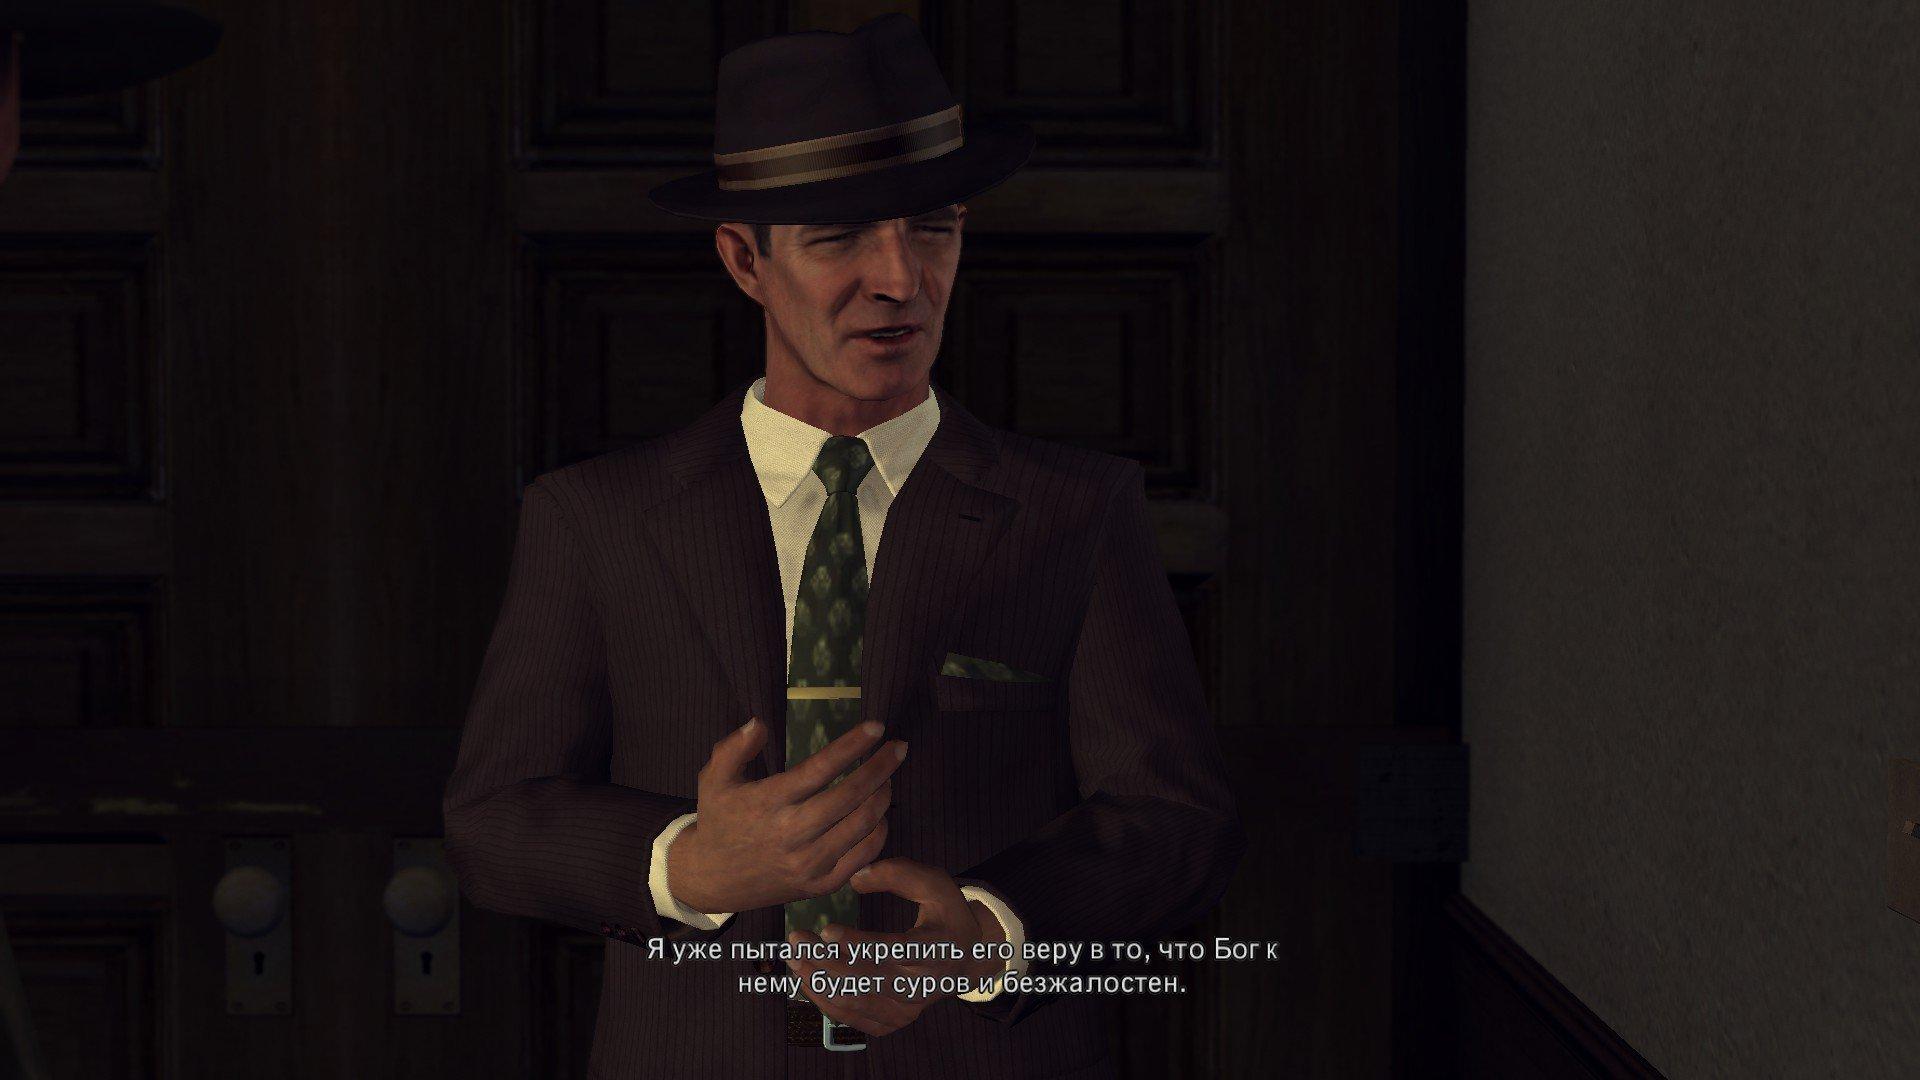 Пост-прохождение L.A. Noire Часть 9 - Изображение 53